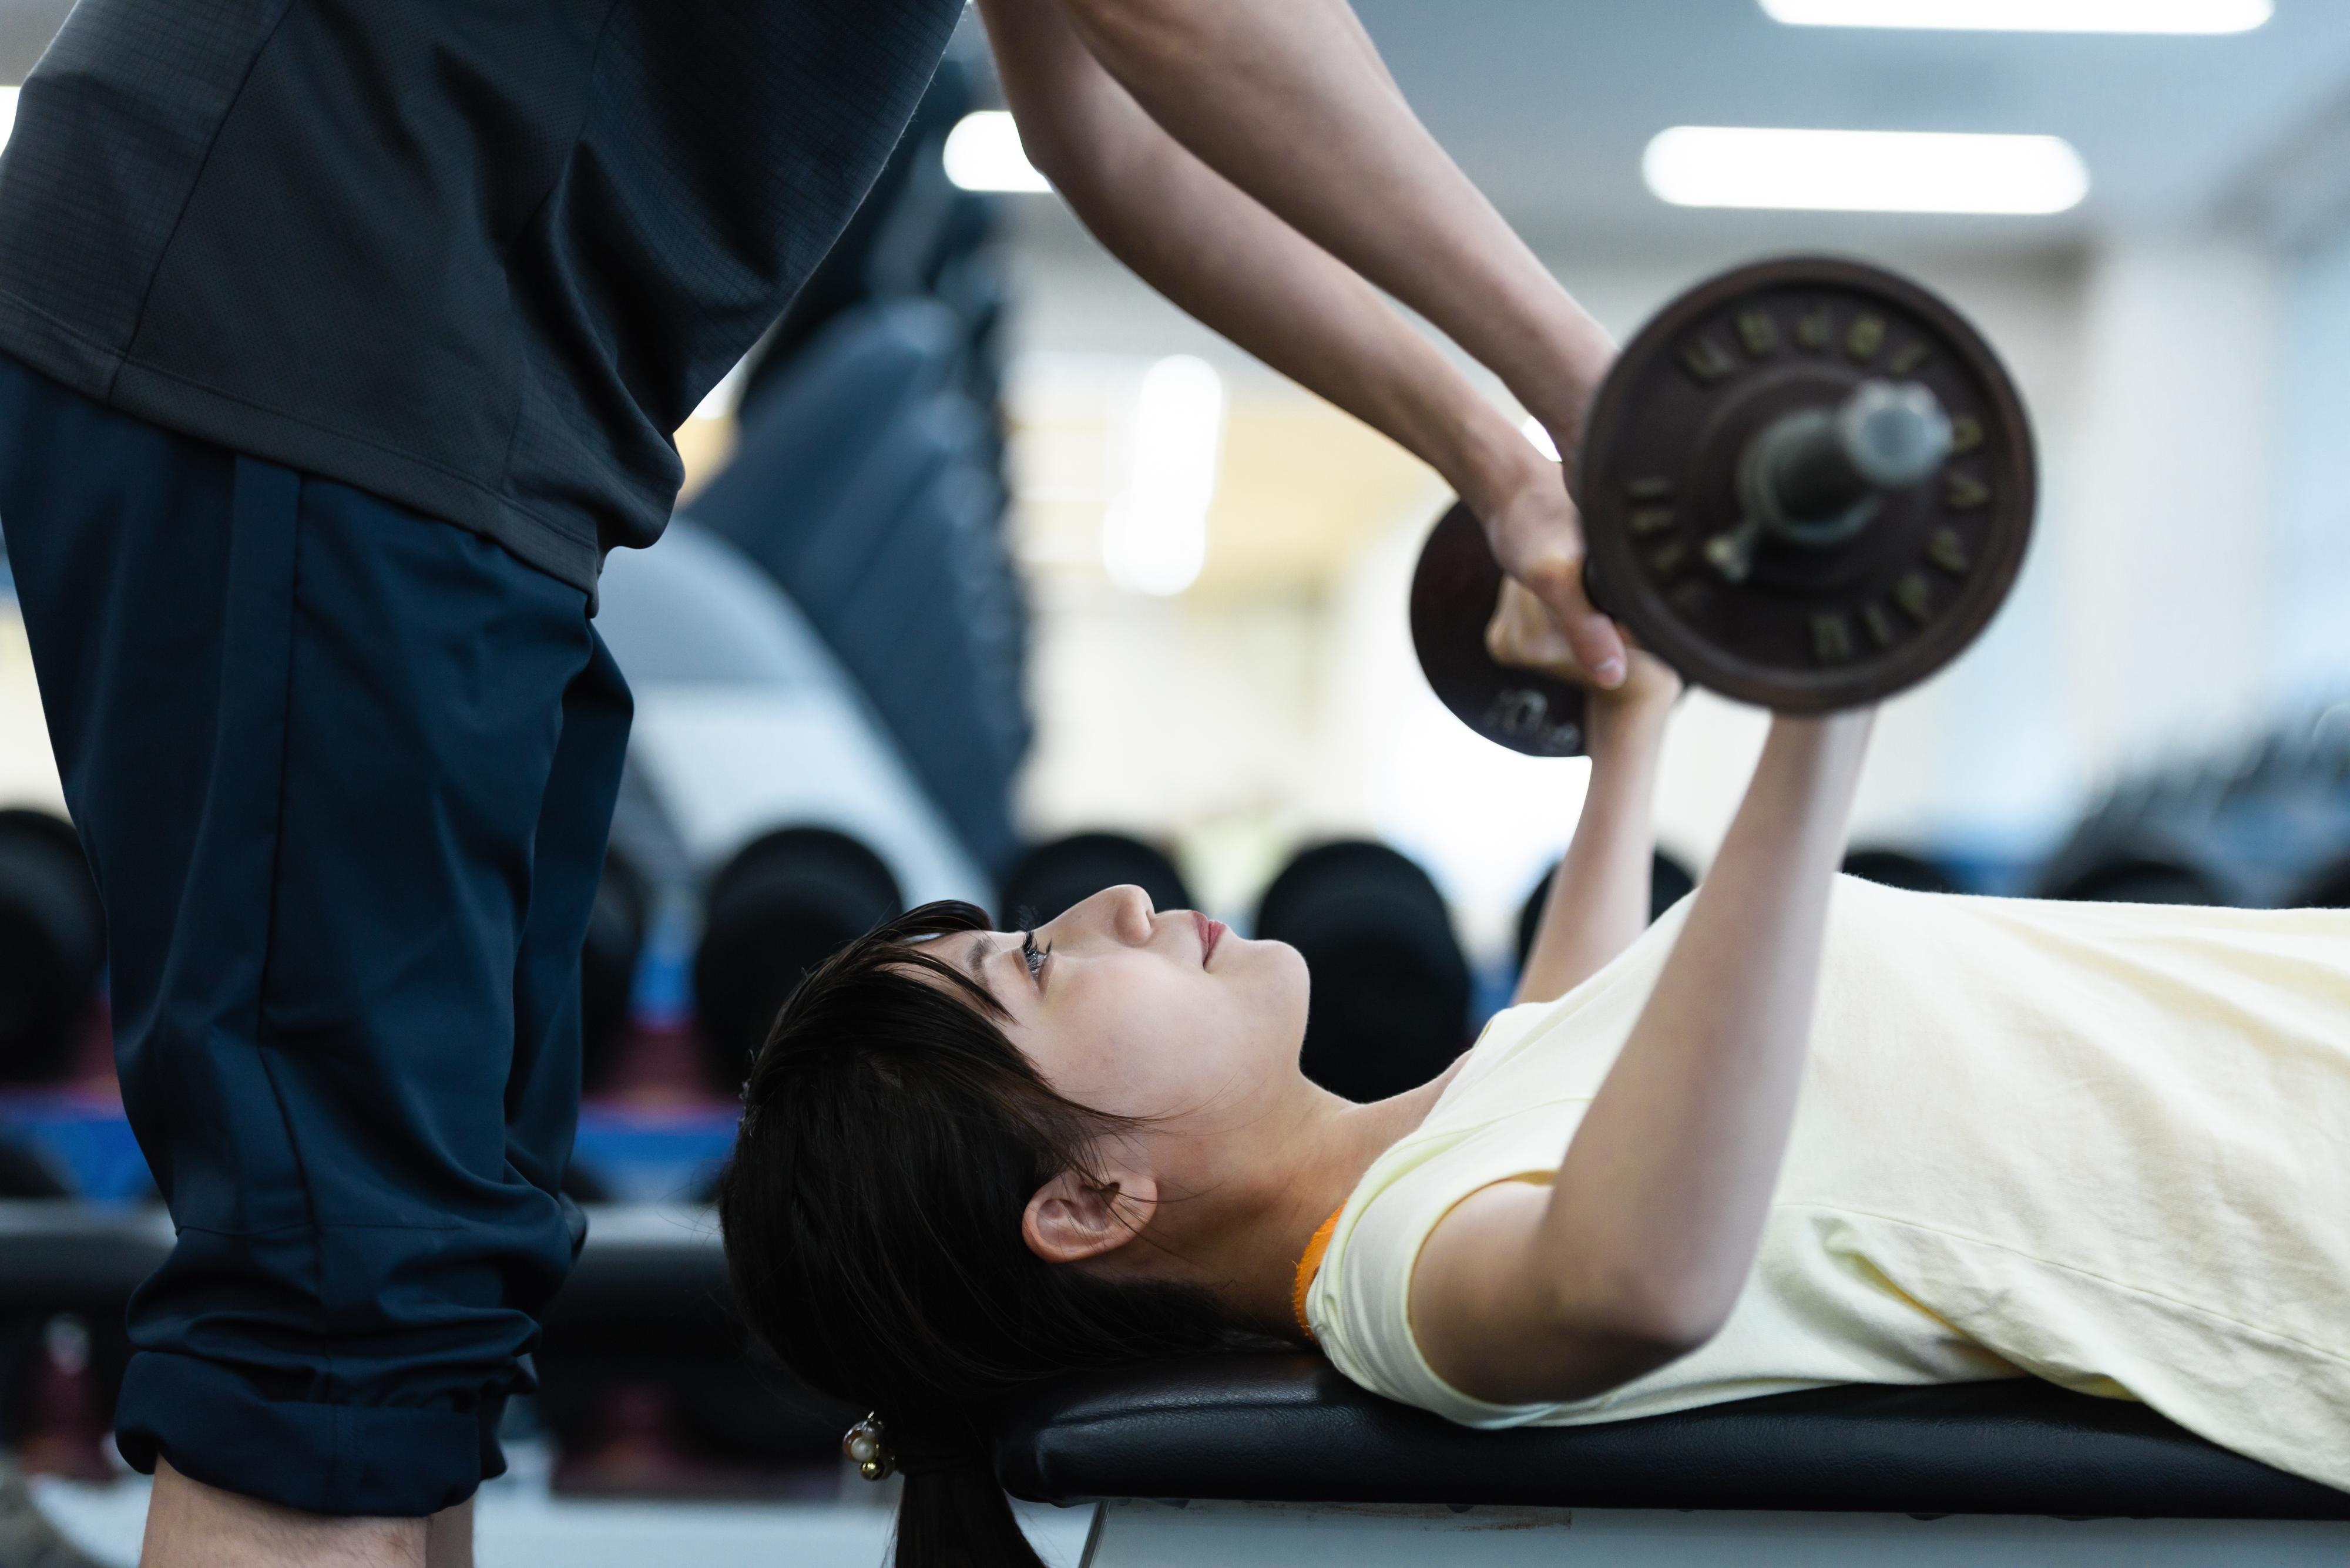 筋トレと頭痛の関係性について